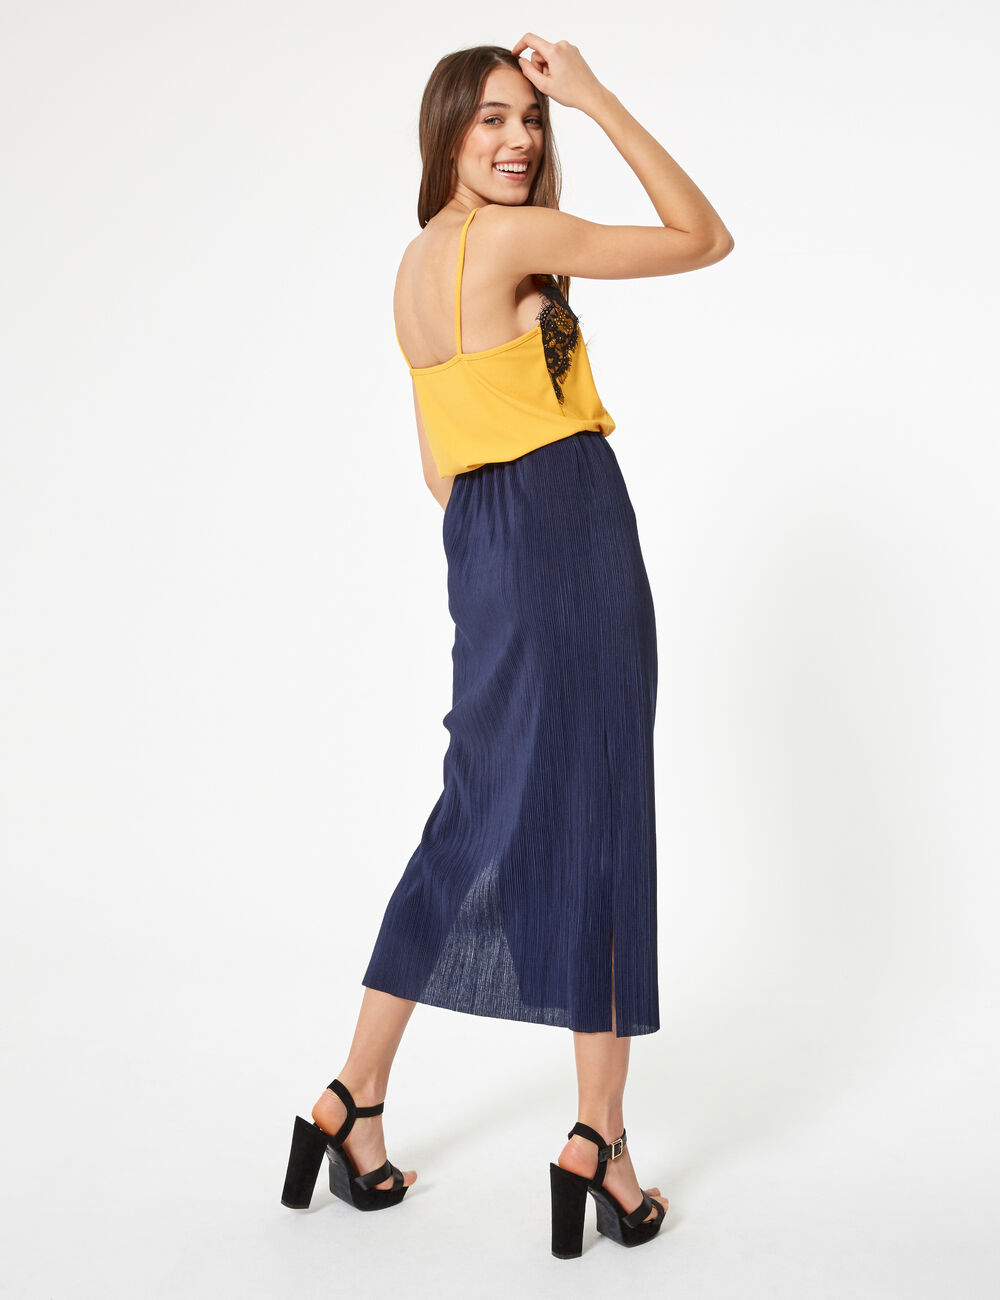 marino azul Jennyfer Mujer Falda larga plisada Ufk1t3ljc 8mNyvn0wO